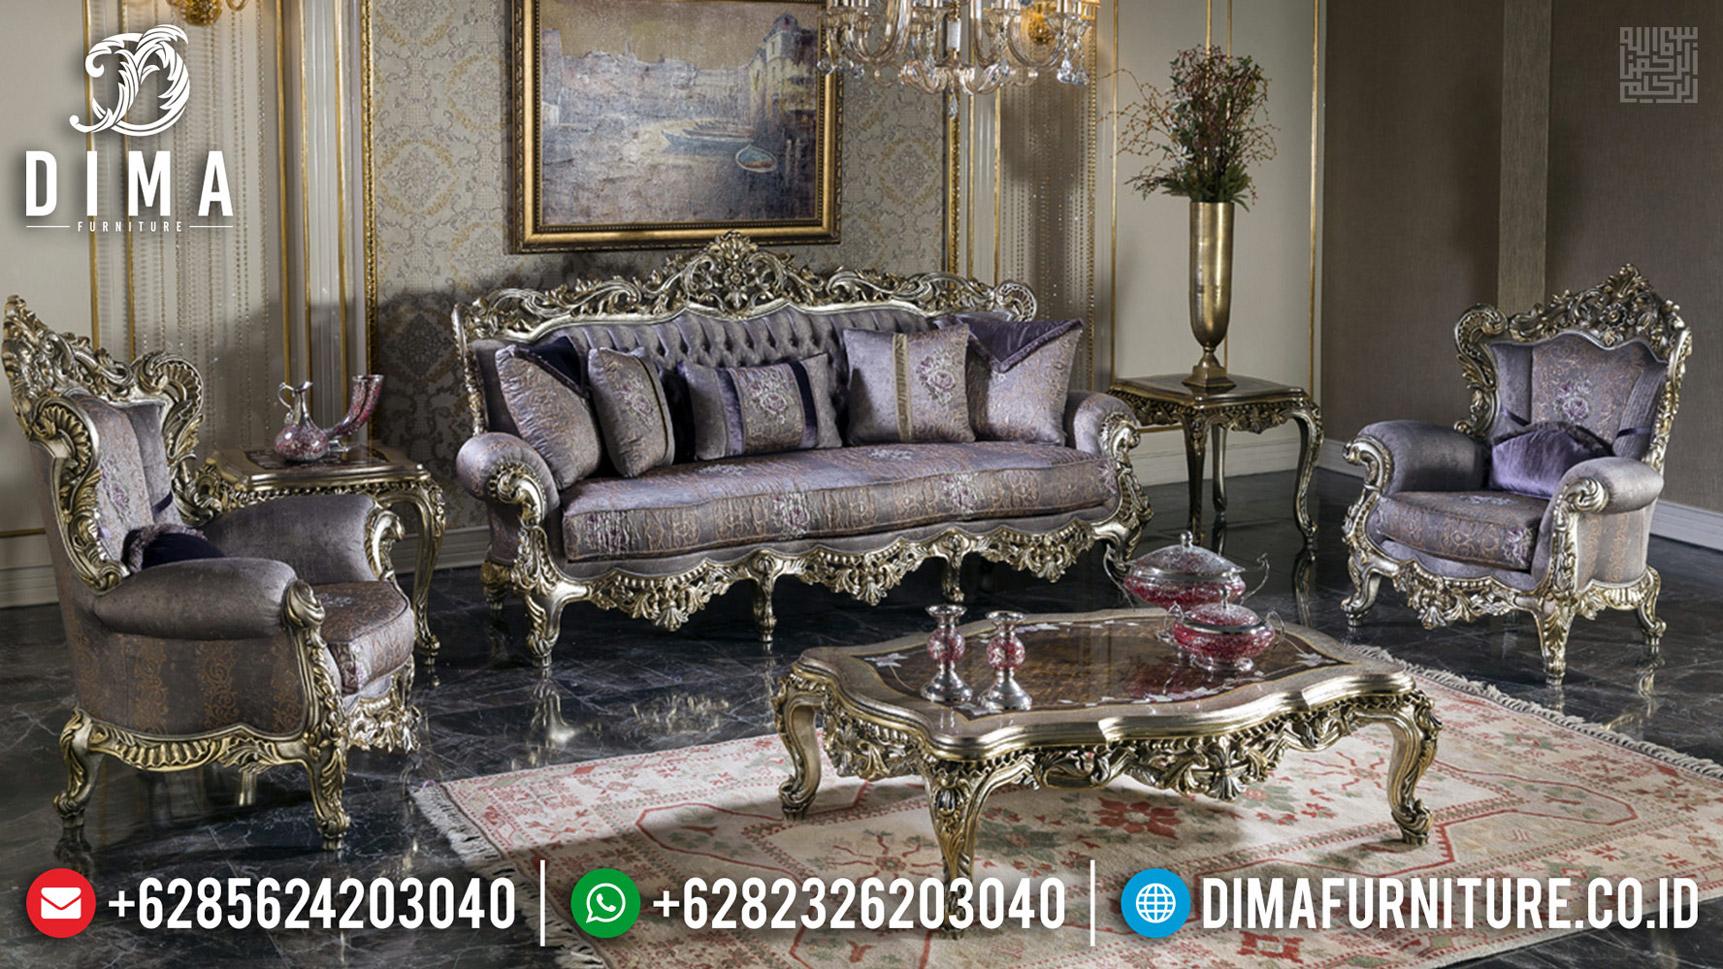 Big Discount Sofa Tamu Mewah Silver Wine Furniture Jepara Terbaru MMJ-0598